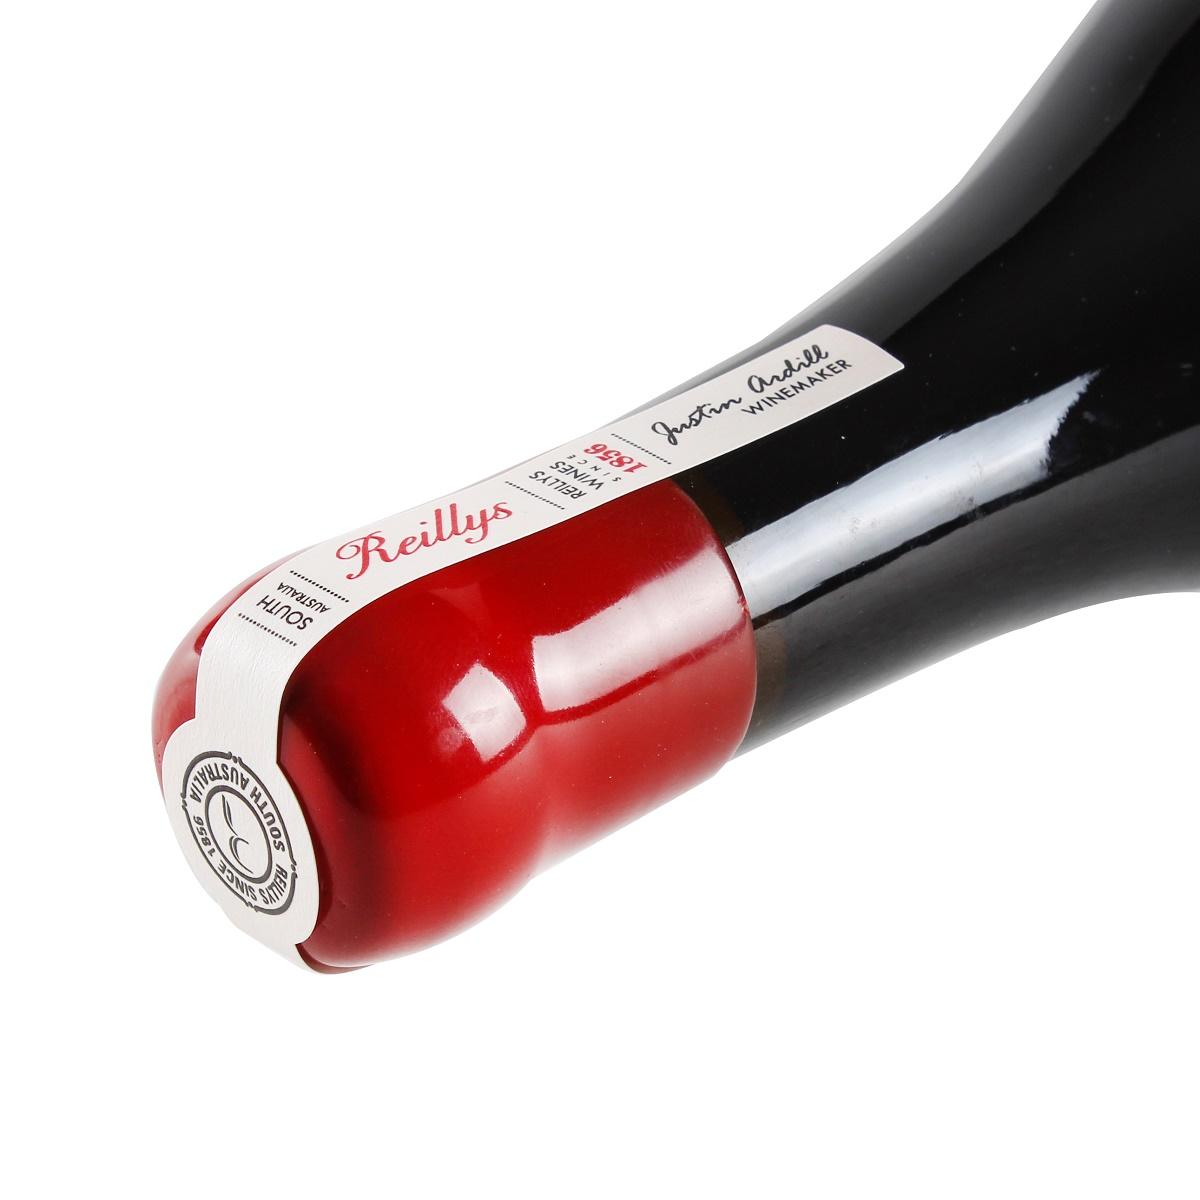 澳大利亞克萊爾谷萊利斯歌海娜西拉老藤干紅葡萄酒